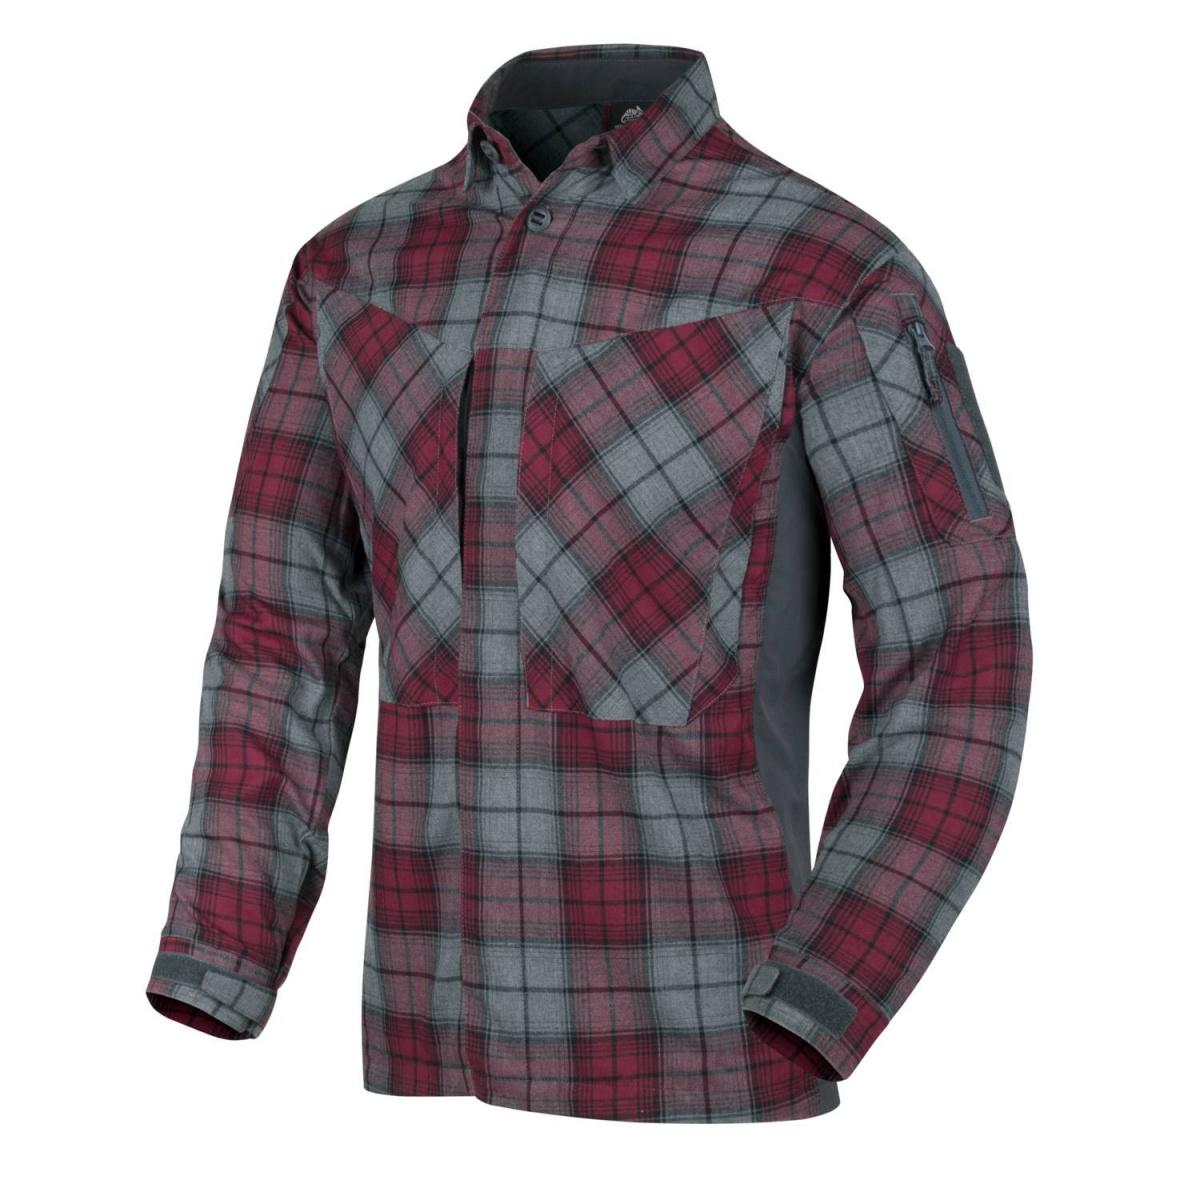 Košile MBDU flanel RUBY PLAID - zvìtšit obrázek